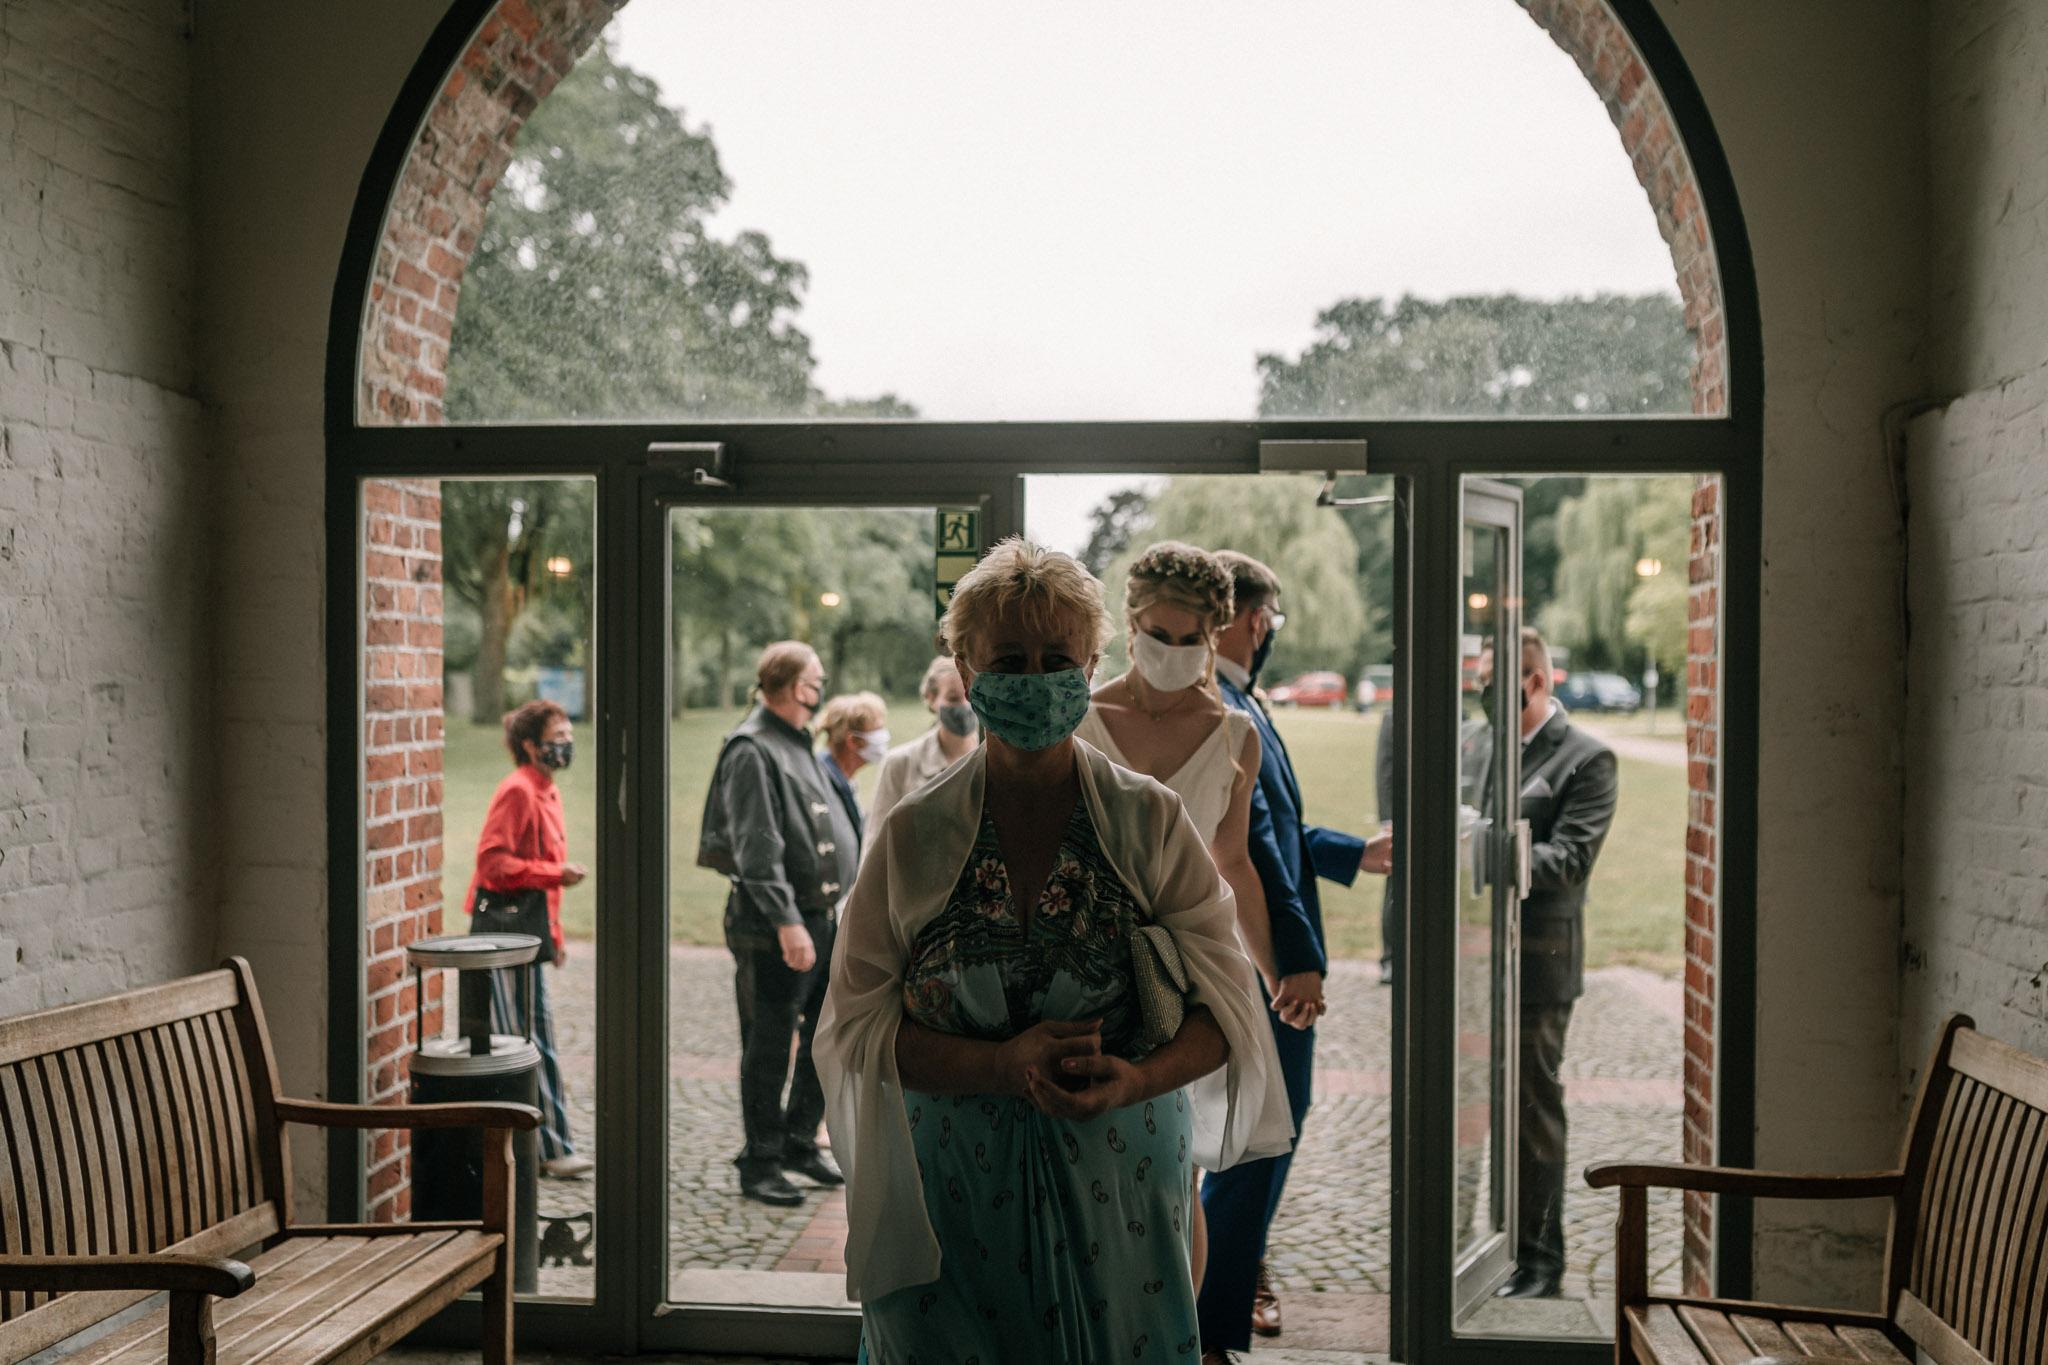 Hochzeitsfieber by Photo-Schomburg, Sven Schomburg Hochzeitsfotografie, Hochzeitsfotograf, Bad Bramstedt, Hamburg, Schleswig-Hostein-14